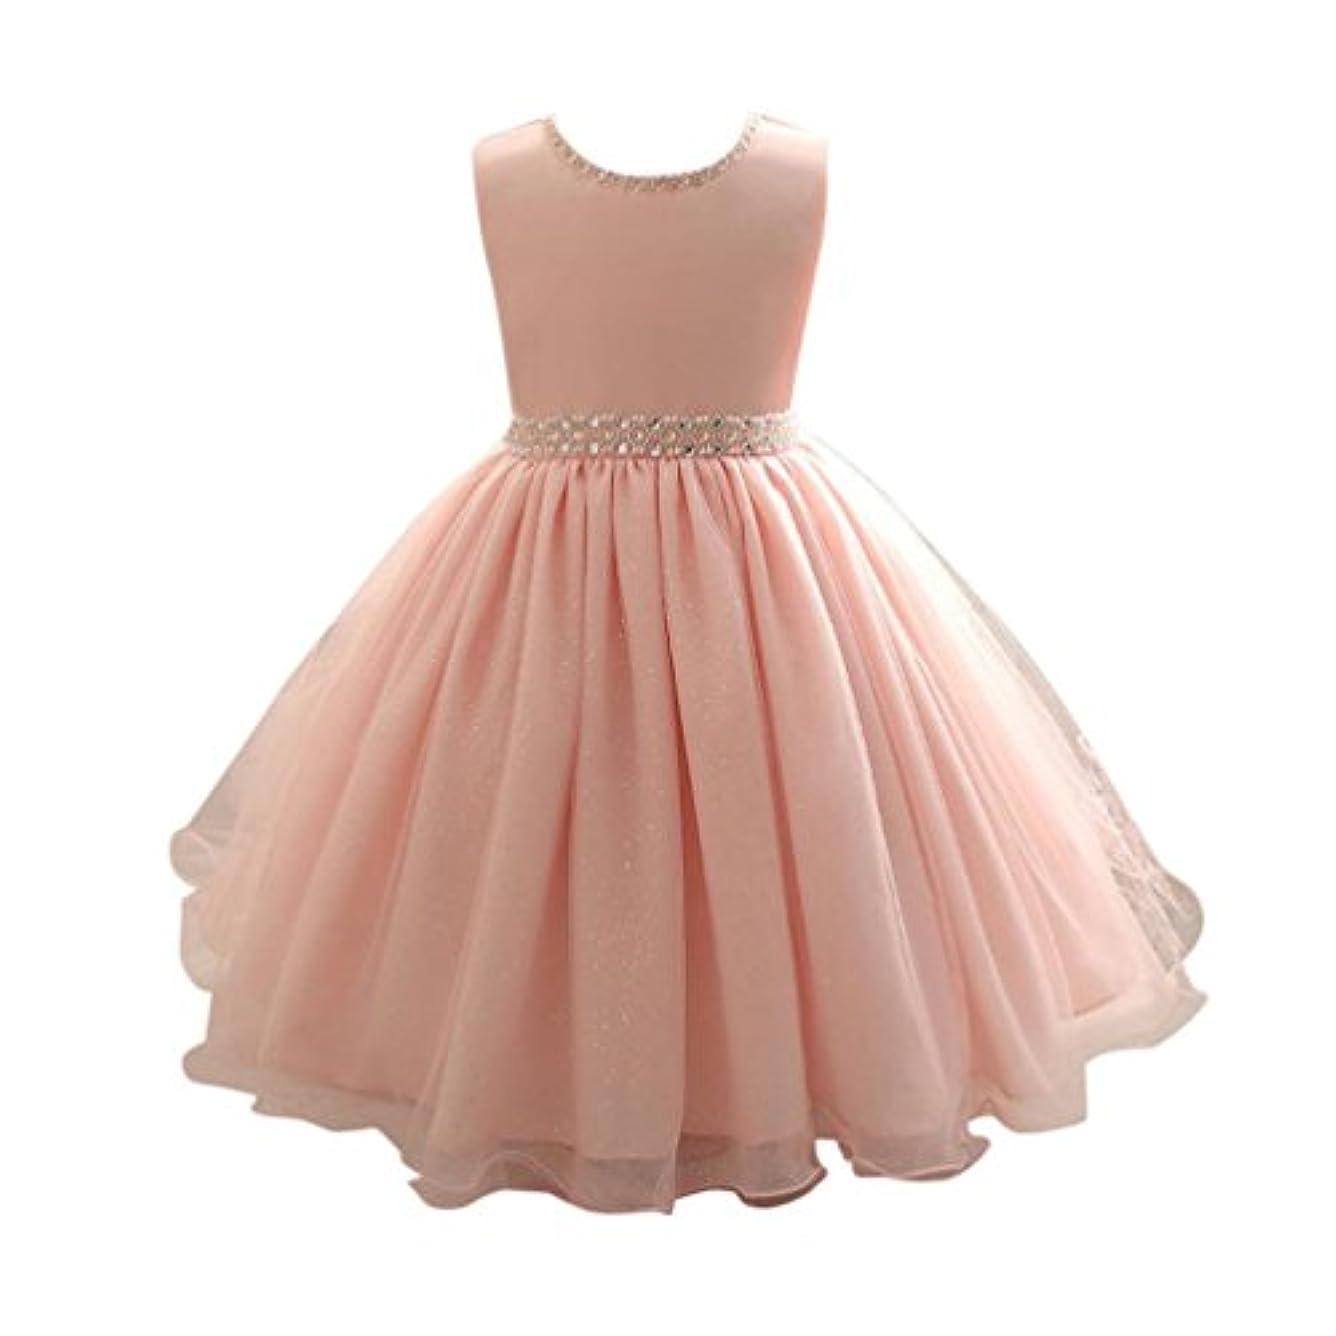 スキャンダラスビジュアル爵Mhomzawa 子供ドレス 女の子 発表会 子どもドレス 結婚式 お呼ばれ キッズ プリンセス こどもフラワーガール 花柄 子ども服